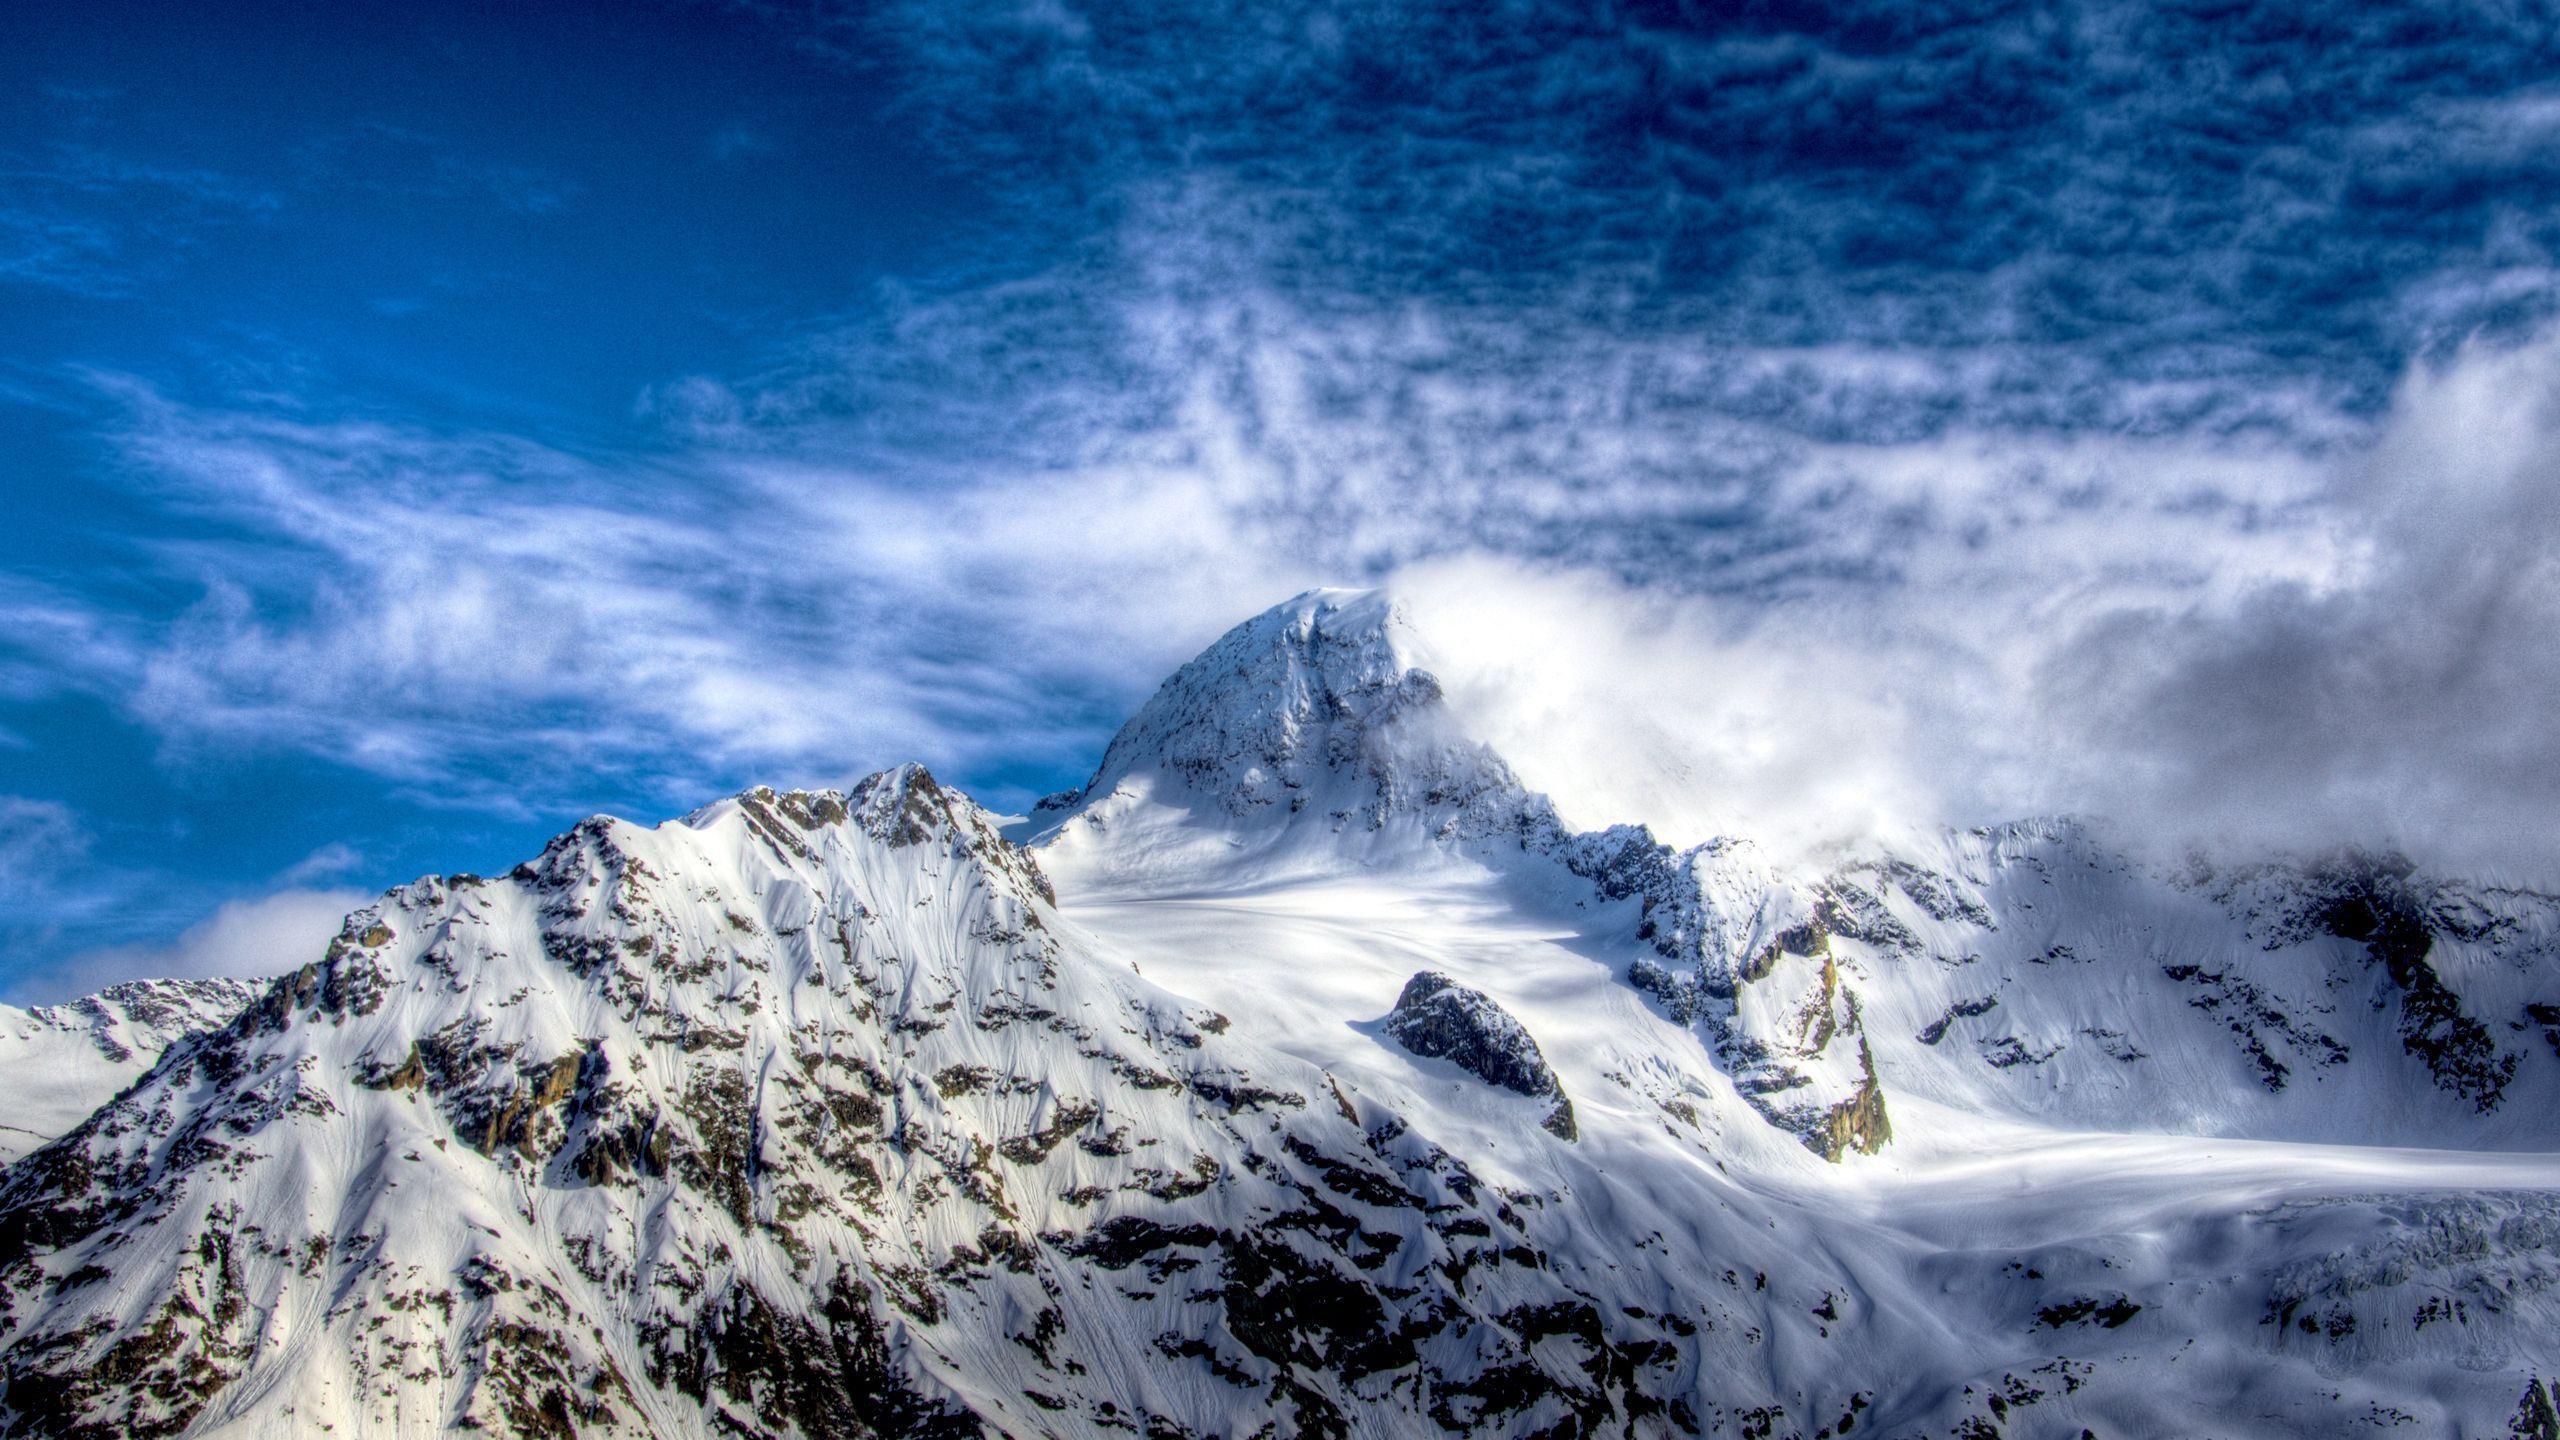 Clear Sky Snowy Mountains